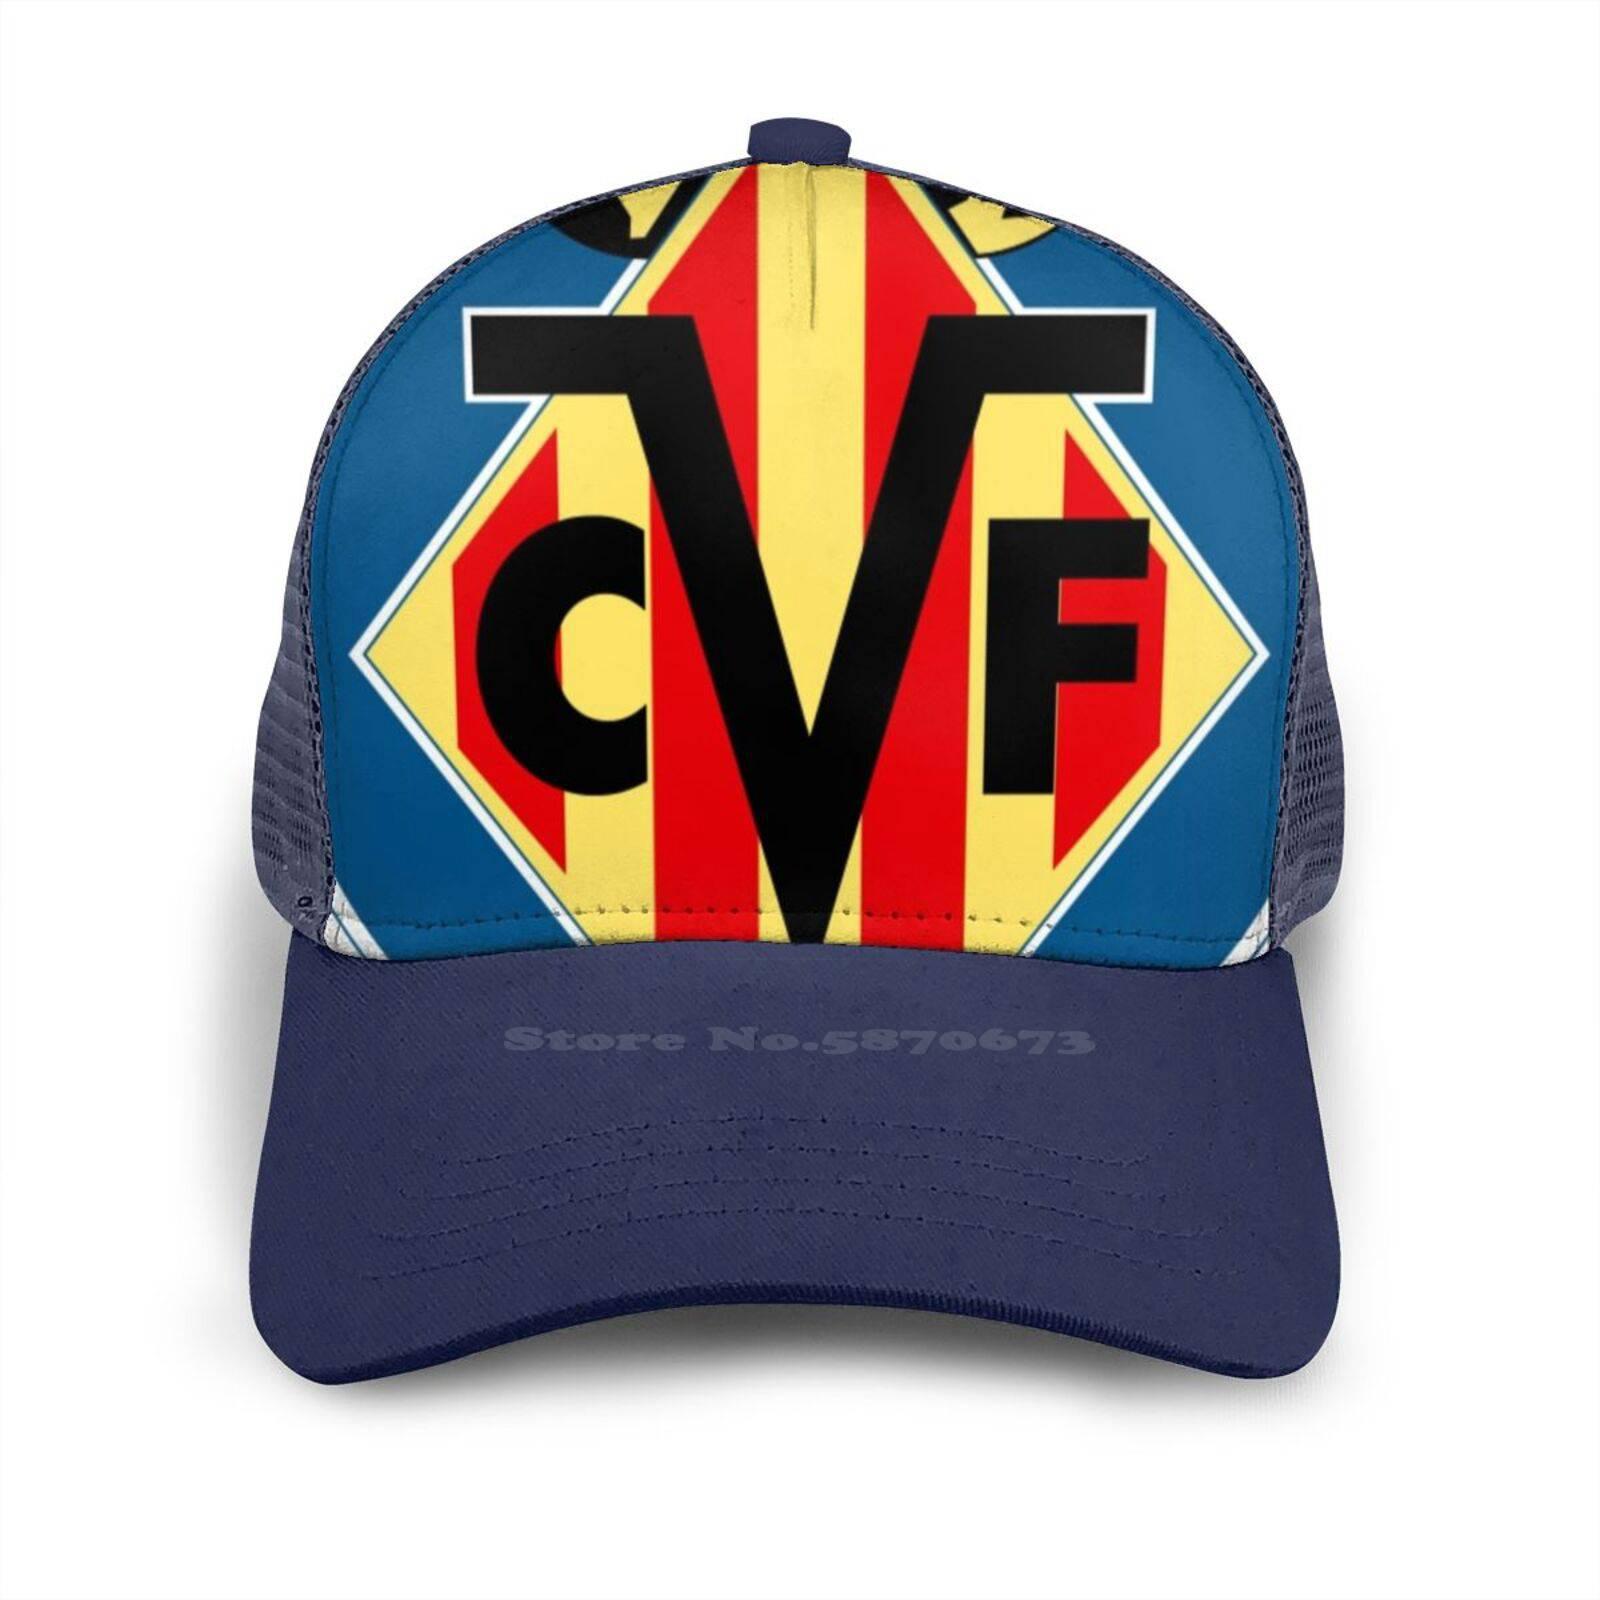 Villarreal Cf de béisbol sombrero gorra deporte exterior